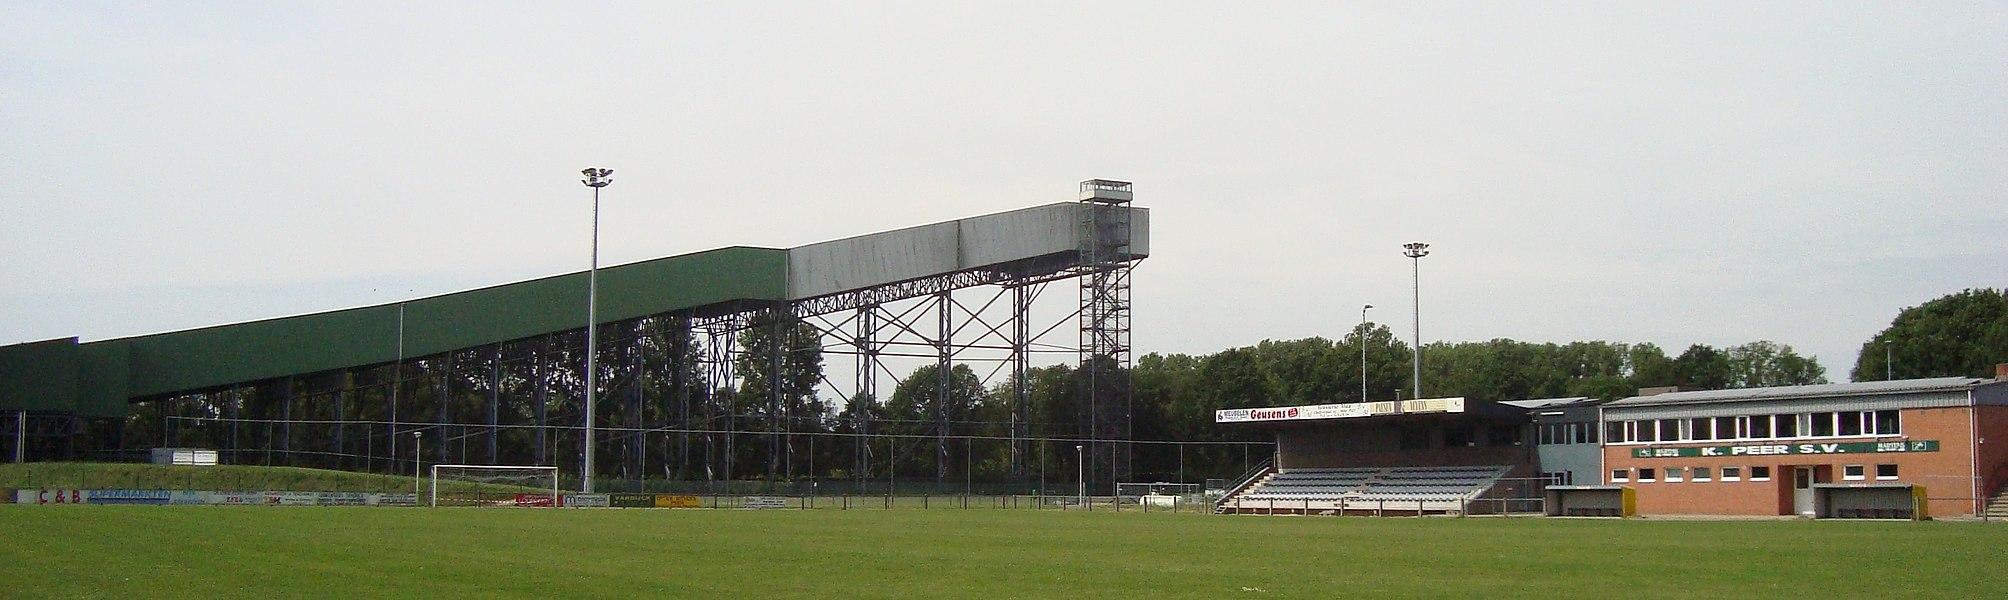 De voetbalterreinen van Peer SV op de voorgrond met de wieler-, atletiek, en skipiste op de achtergrond